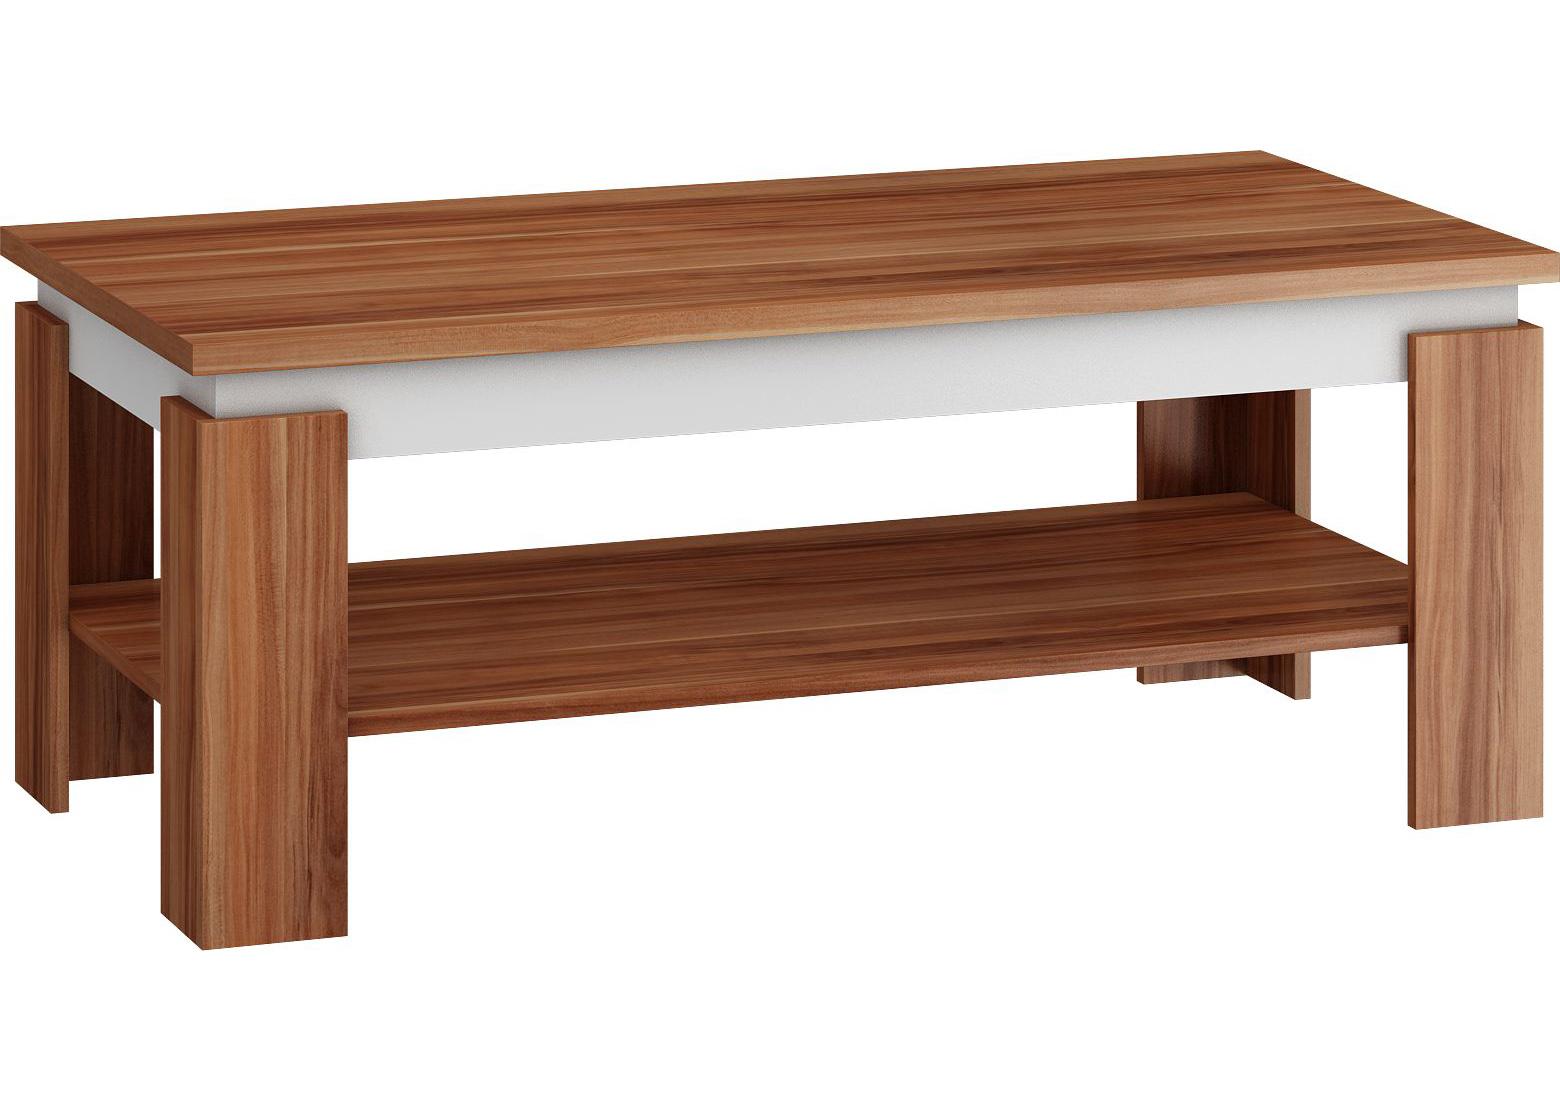 MORAVIA FLAT Konferenční stolek BETTA, švestka/bílá